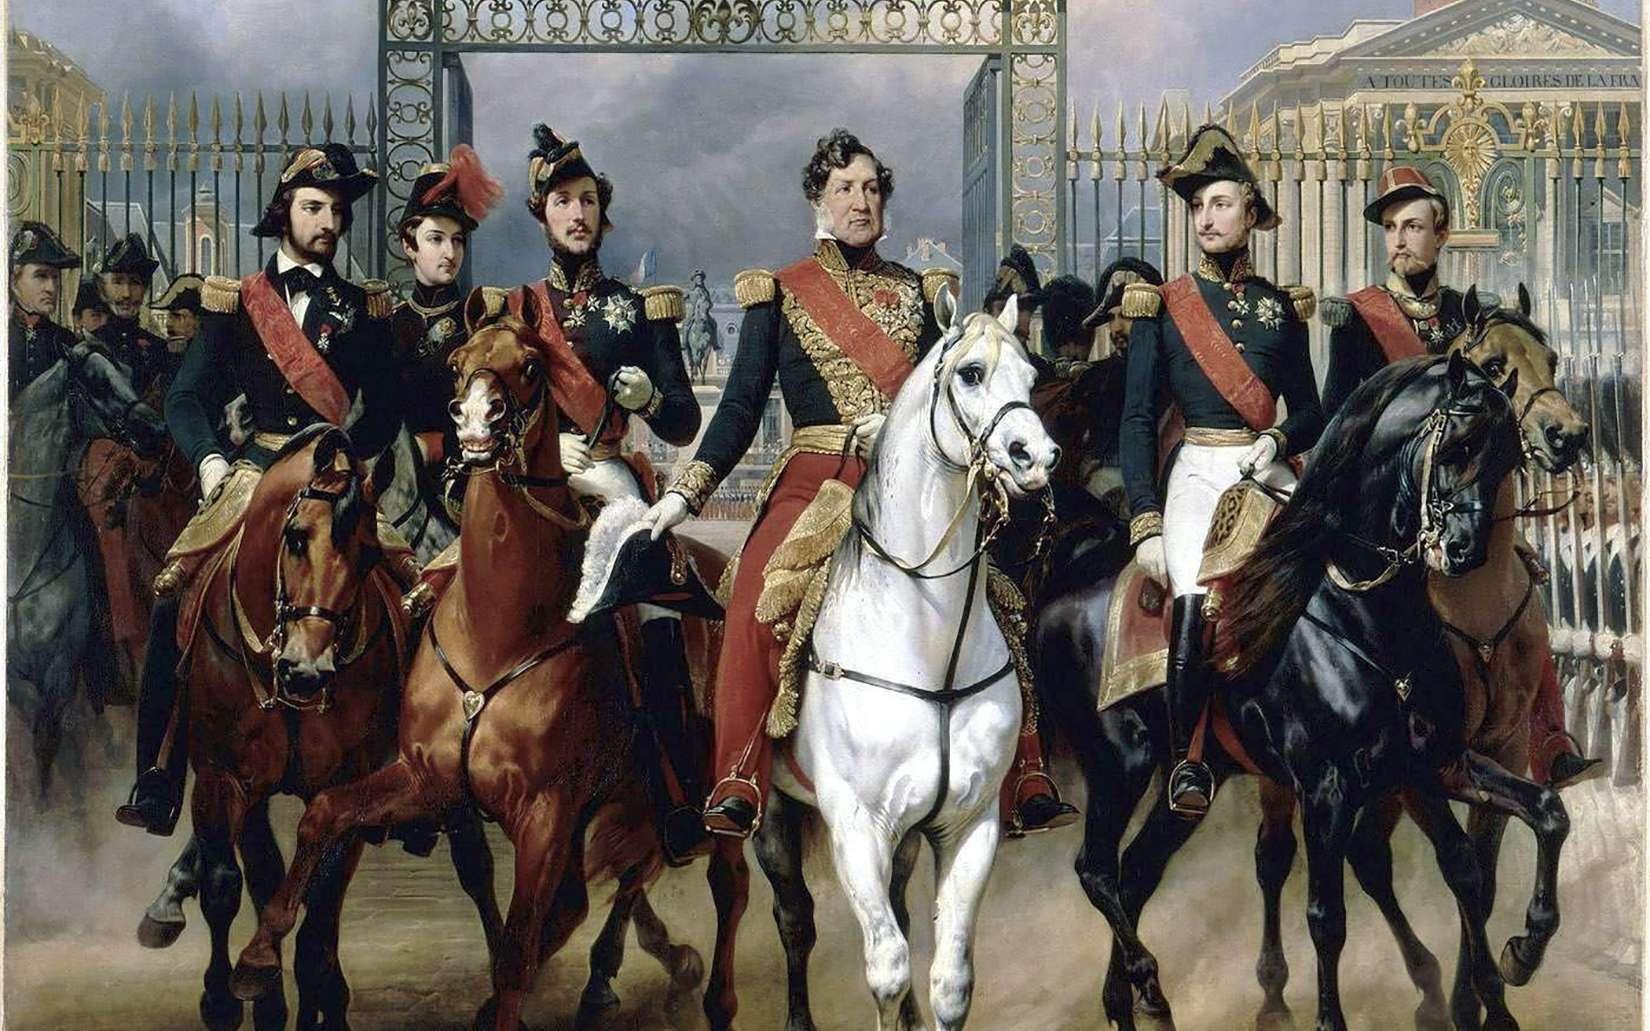 Louis-Philippe, accompagné de ses fils, sortant à cheval du château de Versailles. Peinture d'Horace Vernet, exposée au musée national du Château de Versailles. © Wikimedia Commons, DP